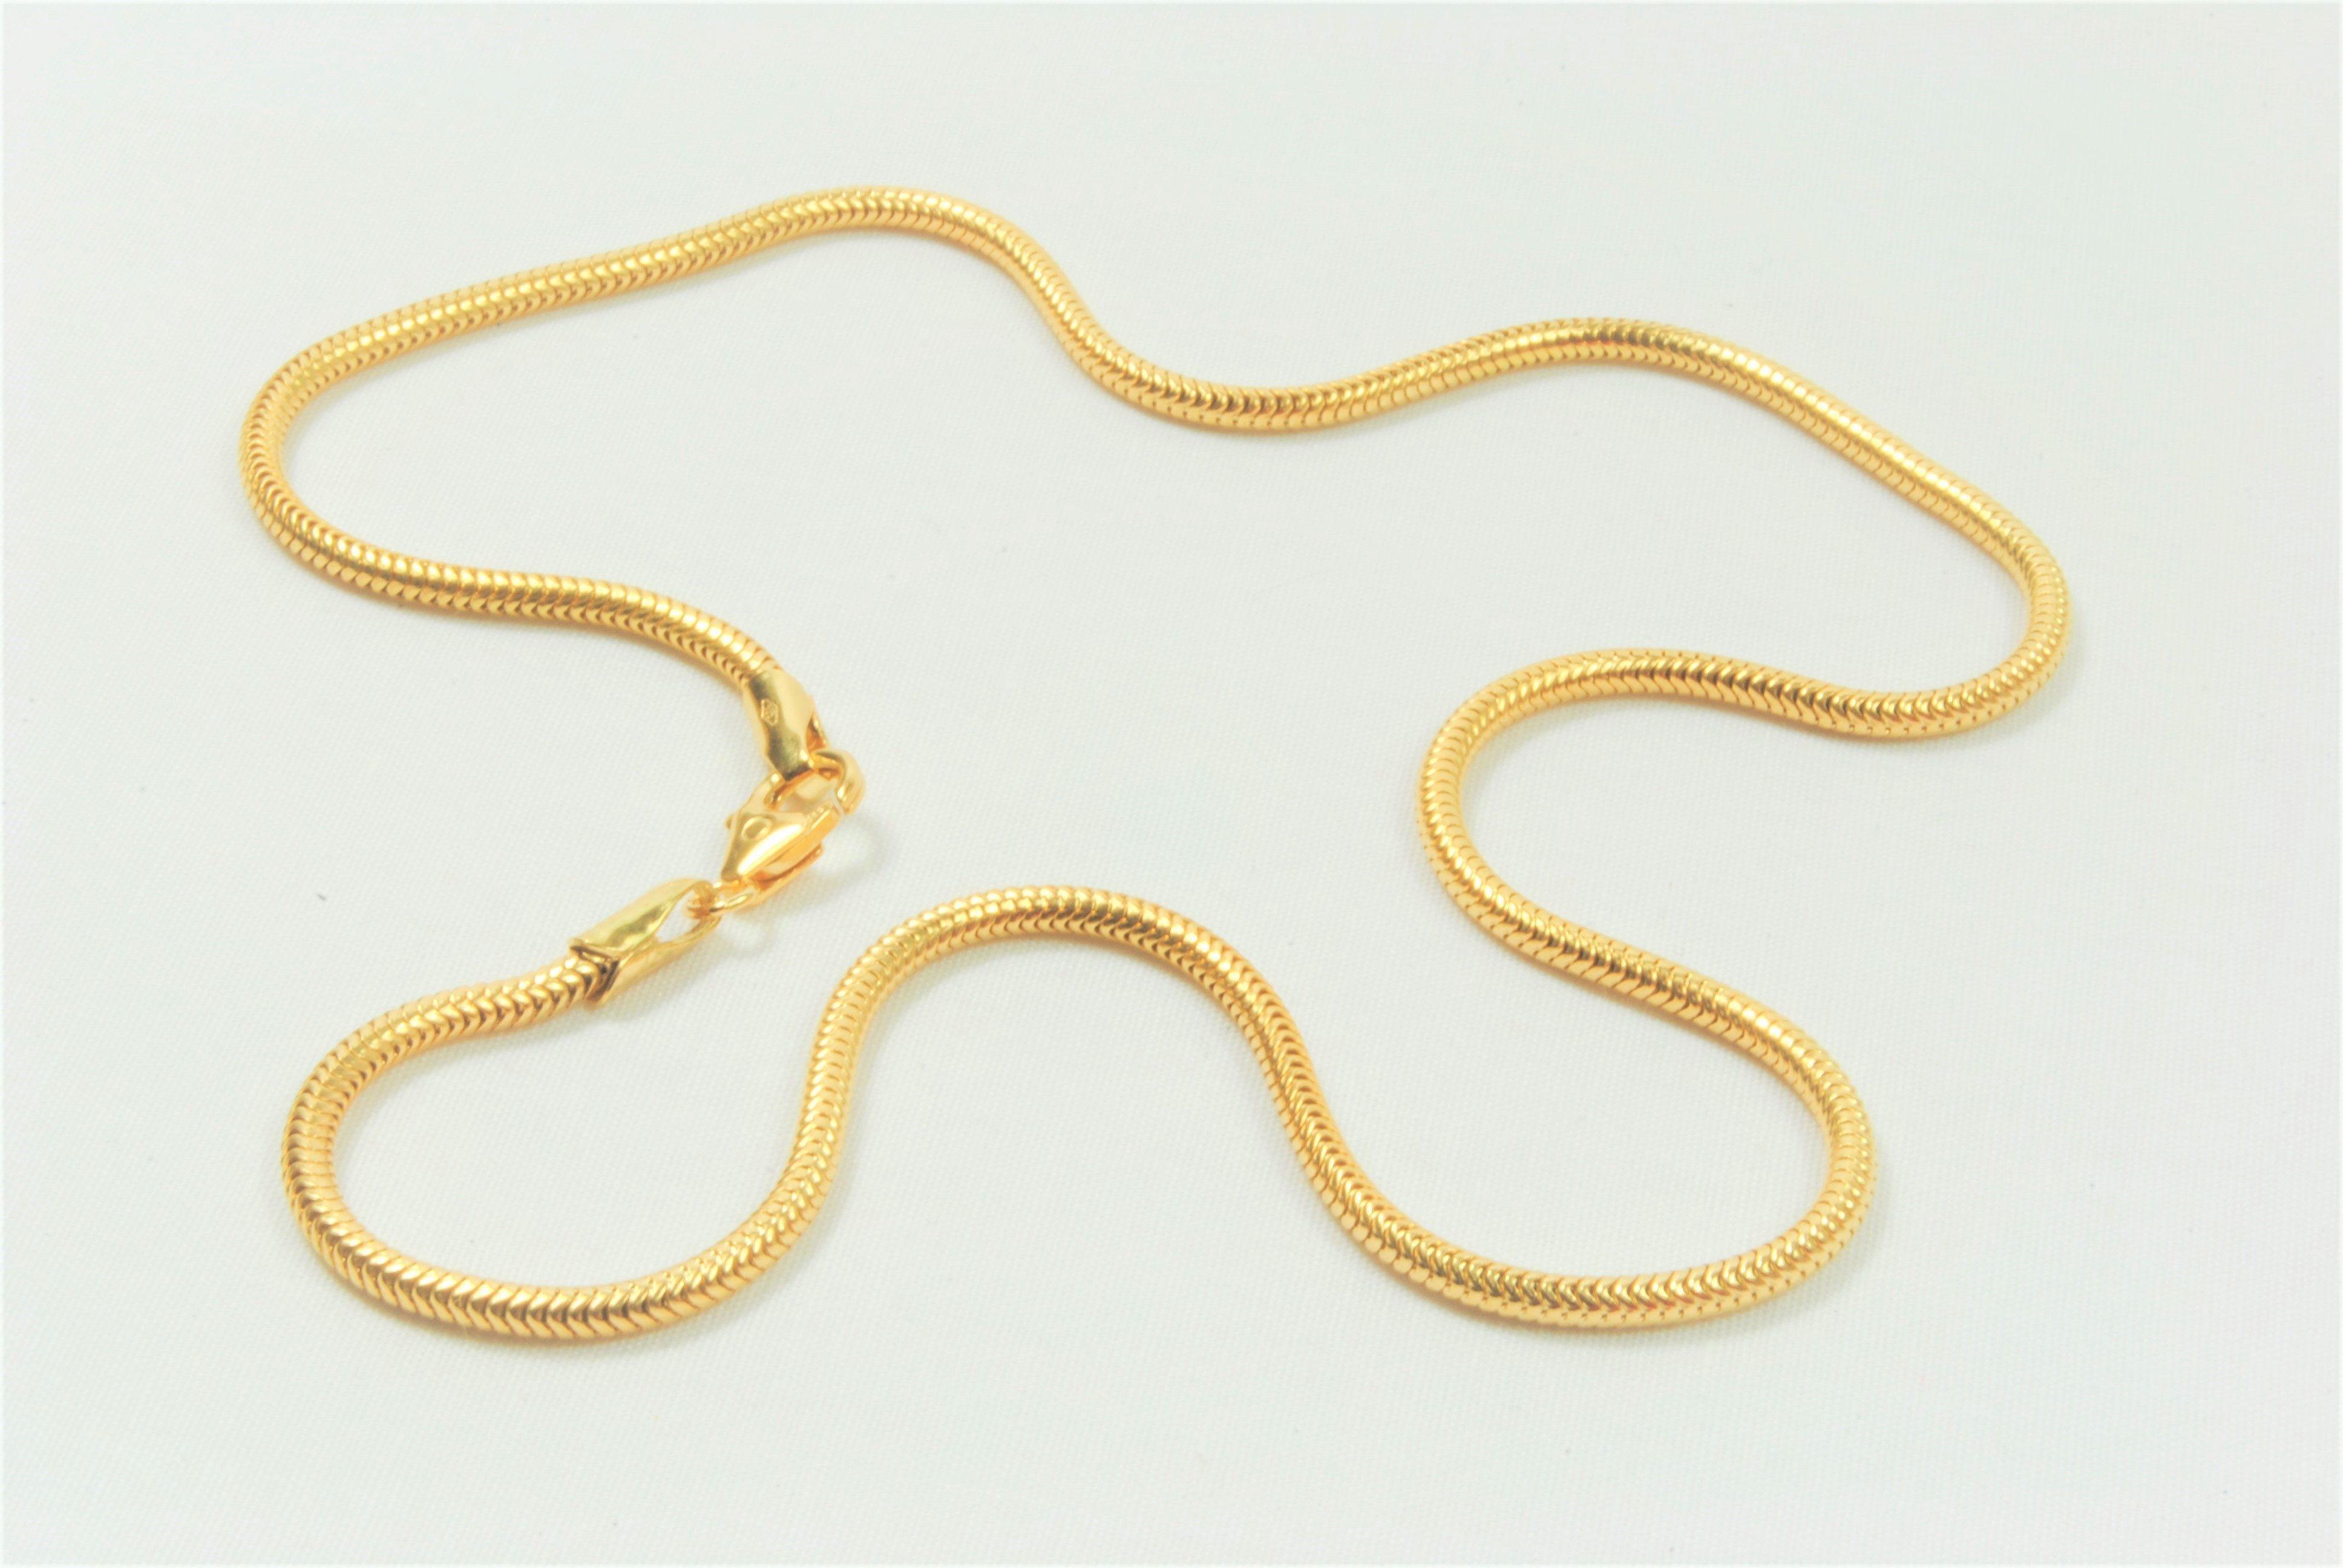 ba5f2a222582 14 kt Guld slange halskæde 45 cm - Ure-smykker din lokale urmager og ...